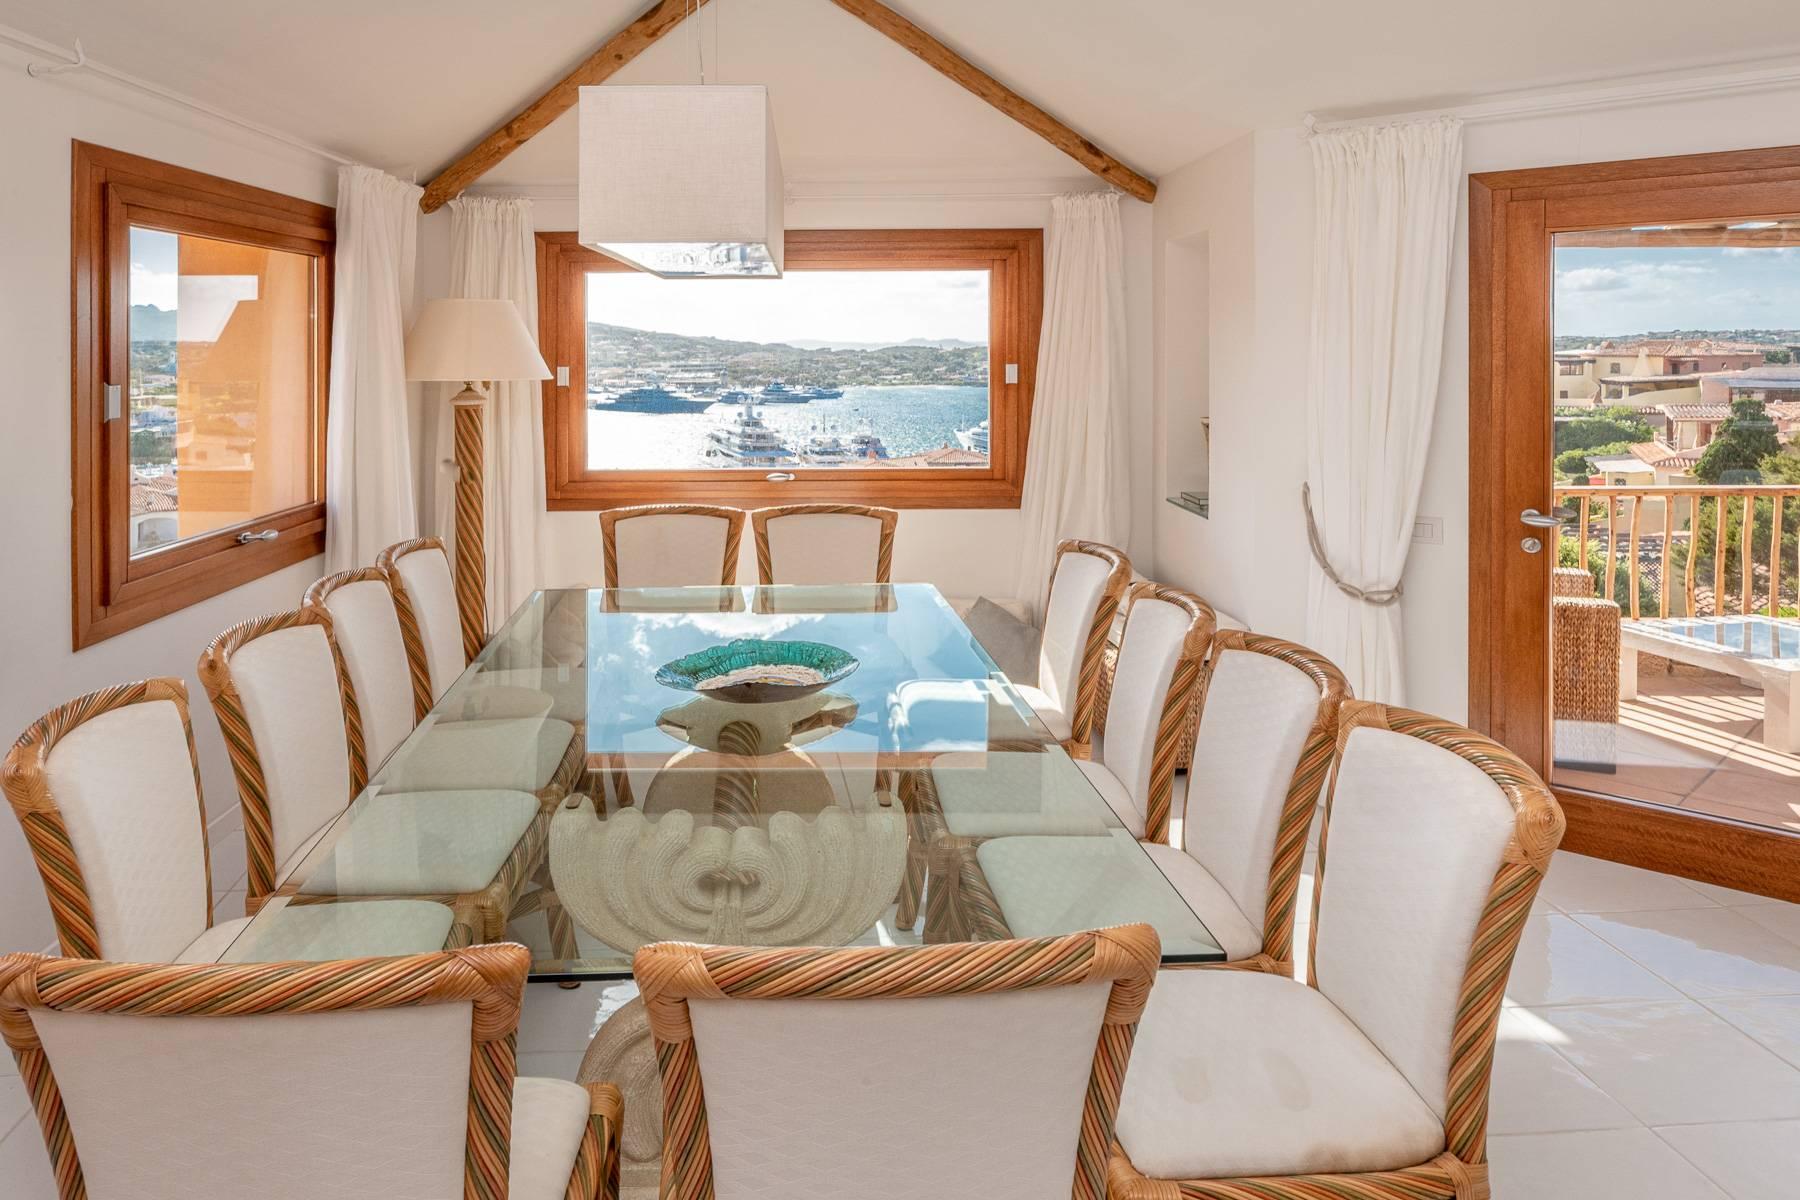 Importante villa indipendente con un impareggiabile panorama, nel cuore di Porto Cervo. - 5